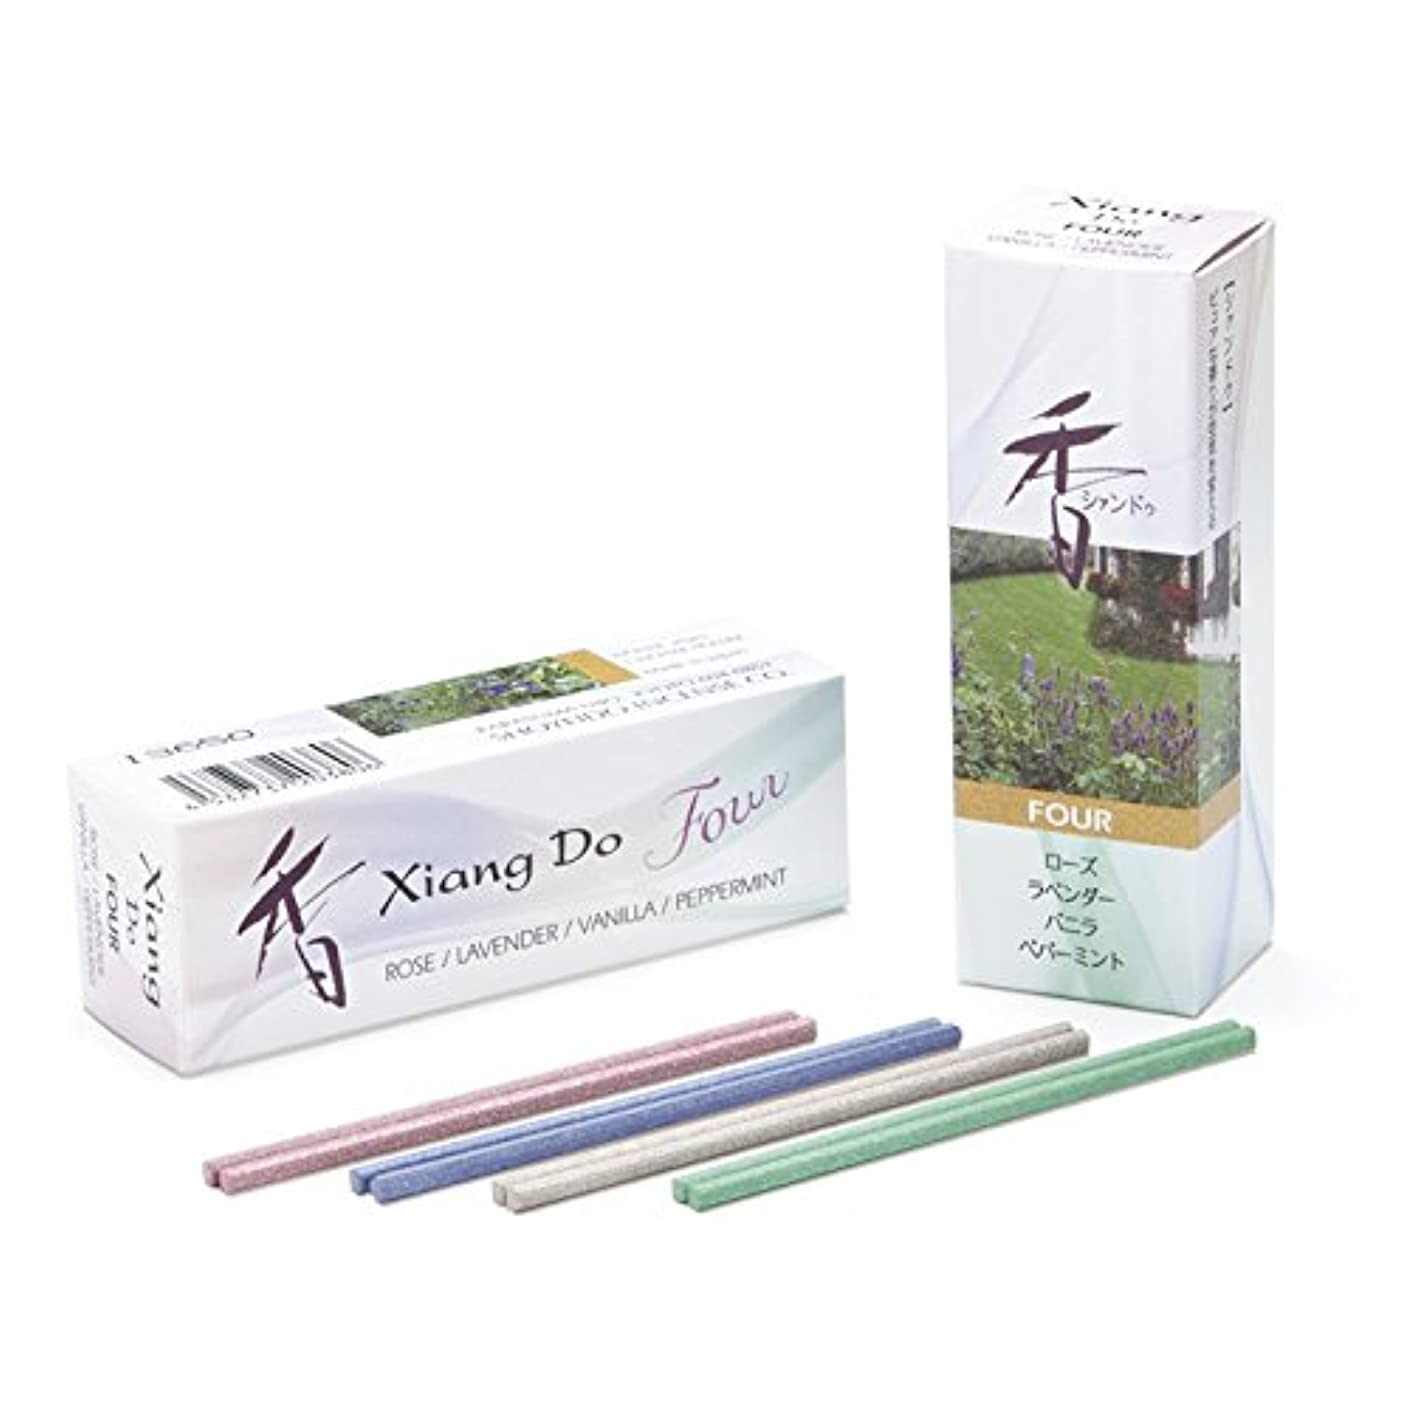 外部雨繊毛Xiang Do Four シャン ドゥ フォー スティック 20本入 (4種各5本) 簡易香立付 日本製